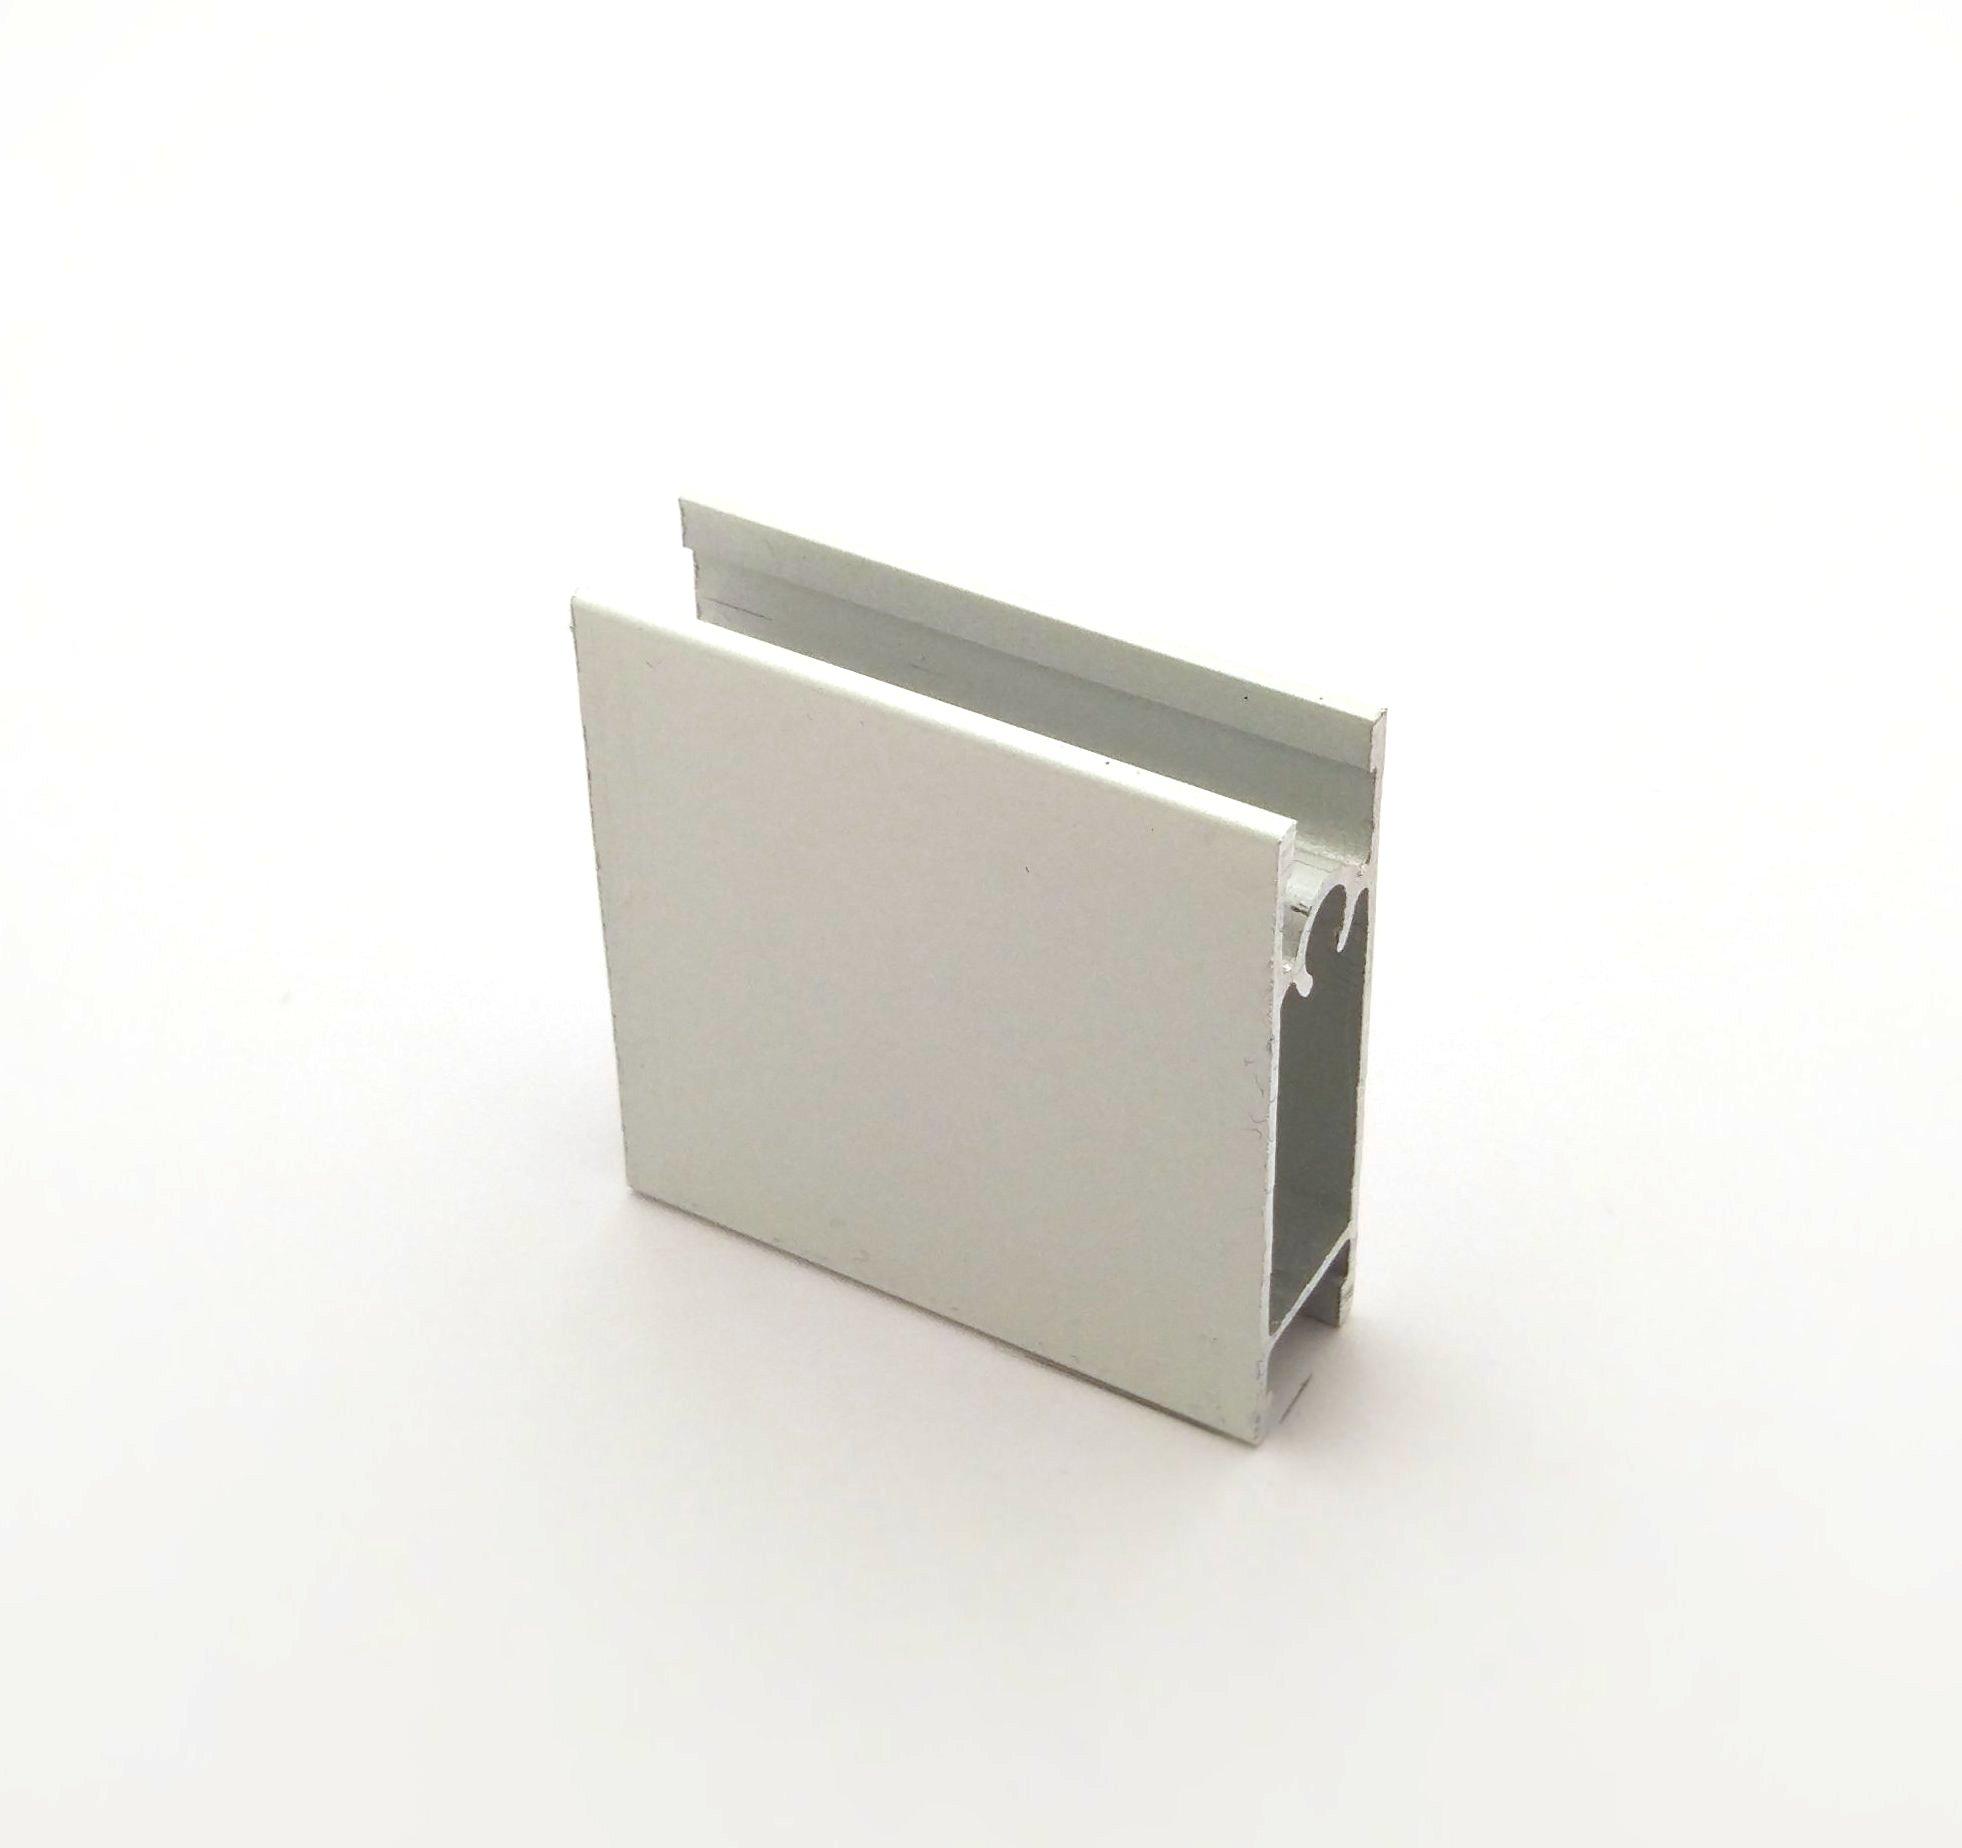 АФ Профиль универсальный GRAND, жемчуг, 6000мм